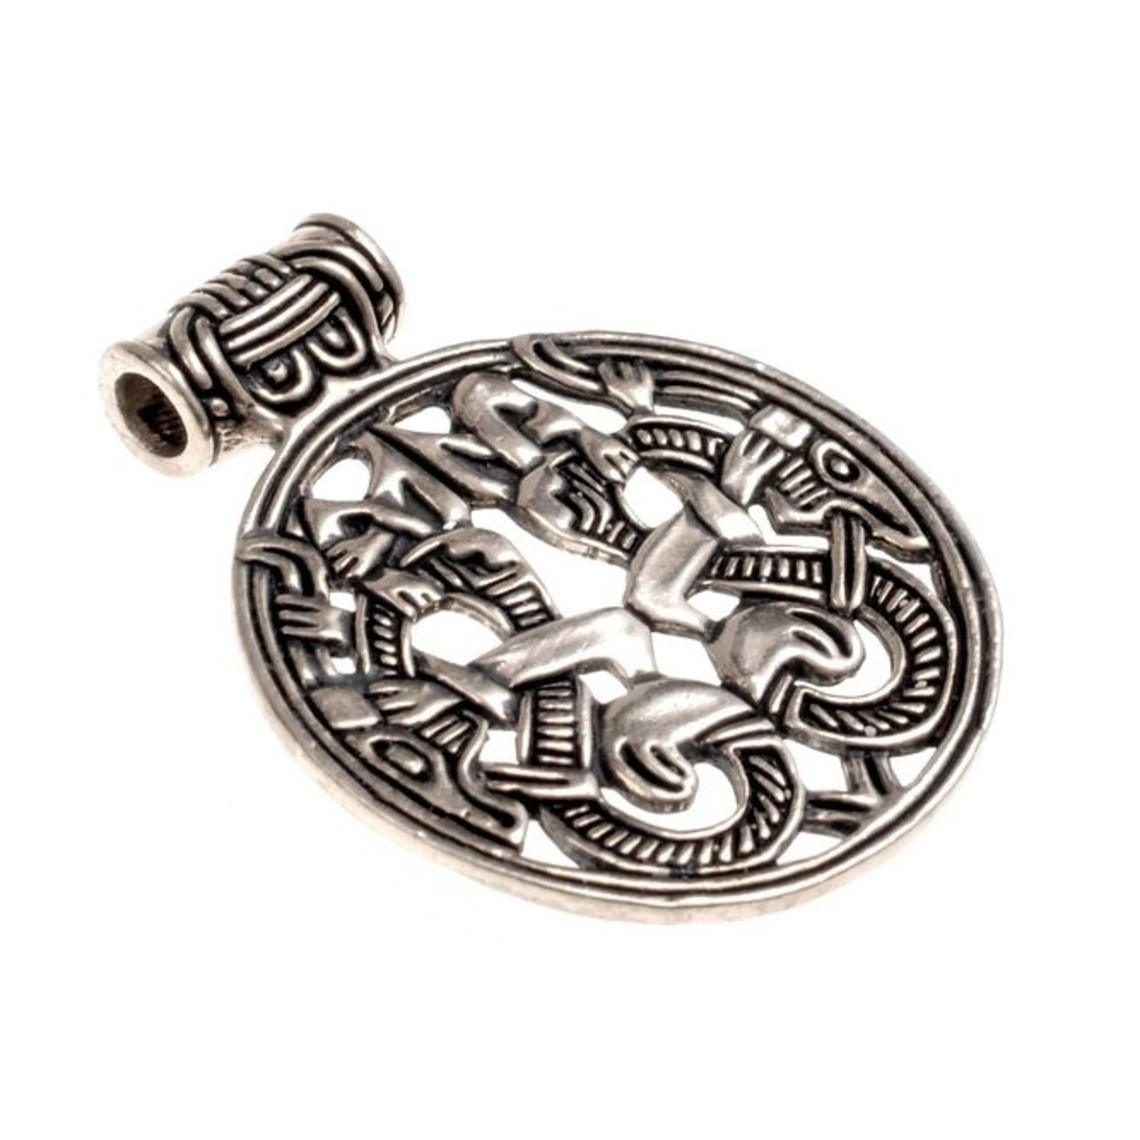 Varby Jellinge gioiello, bronzo argentato